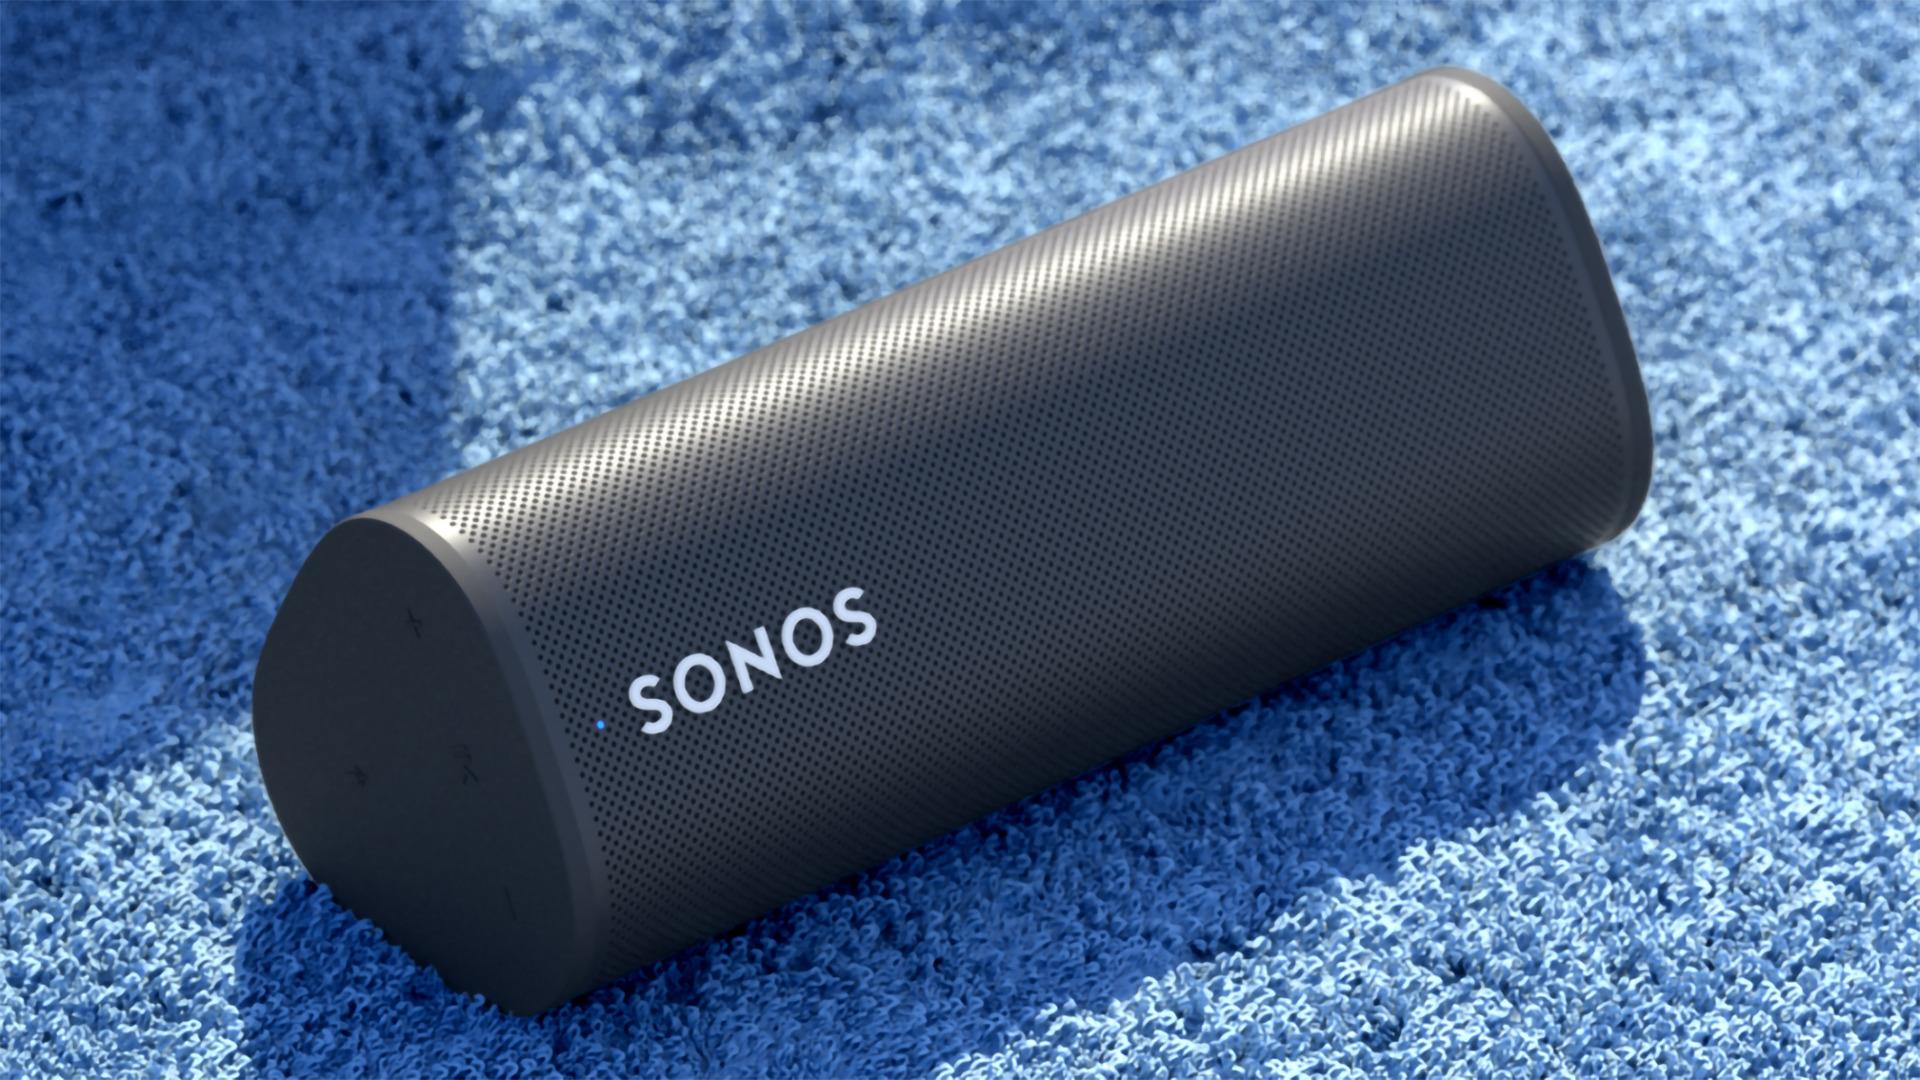 Streaming, Wlan, Audio, Bluetooth, Lautsprecher, speaker, Sonos, Sonos Roam